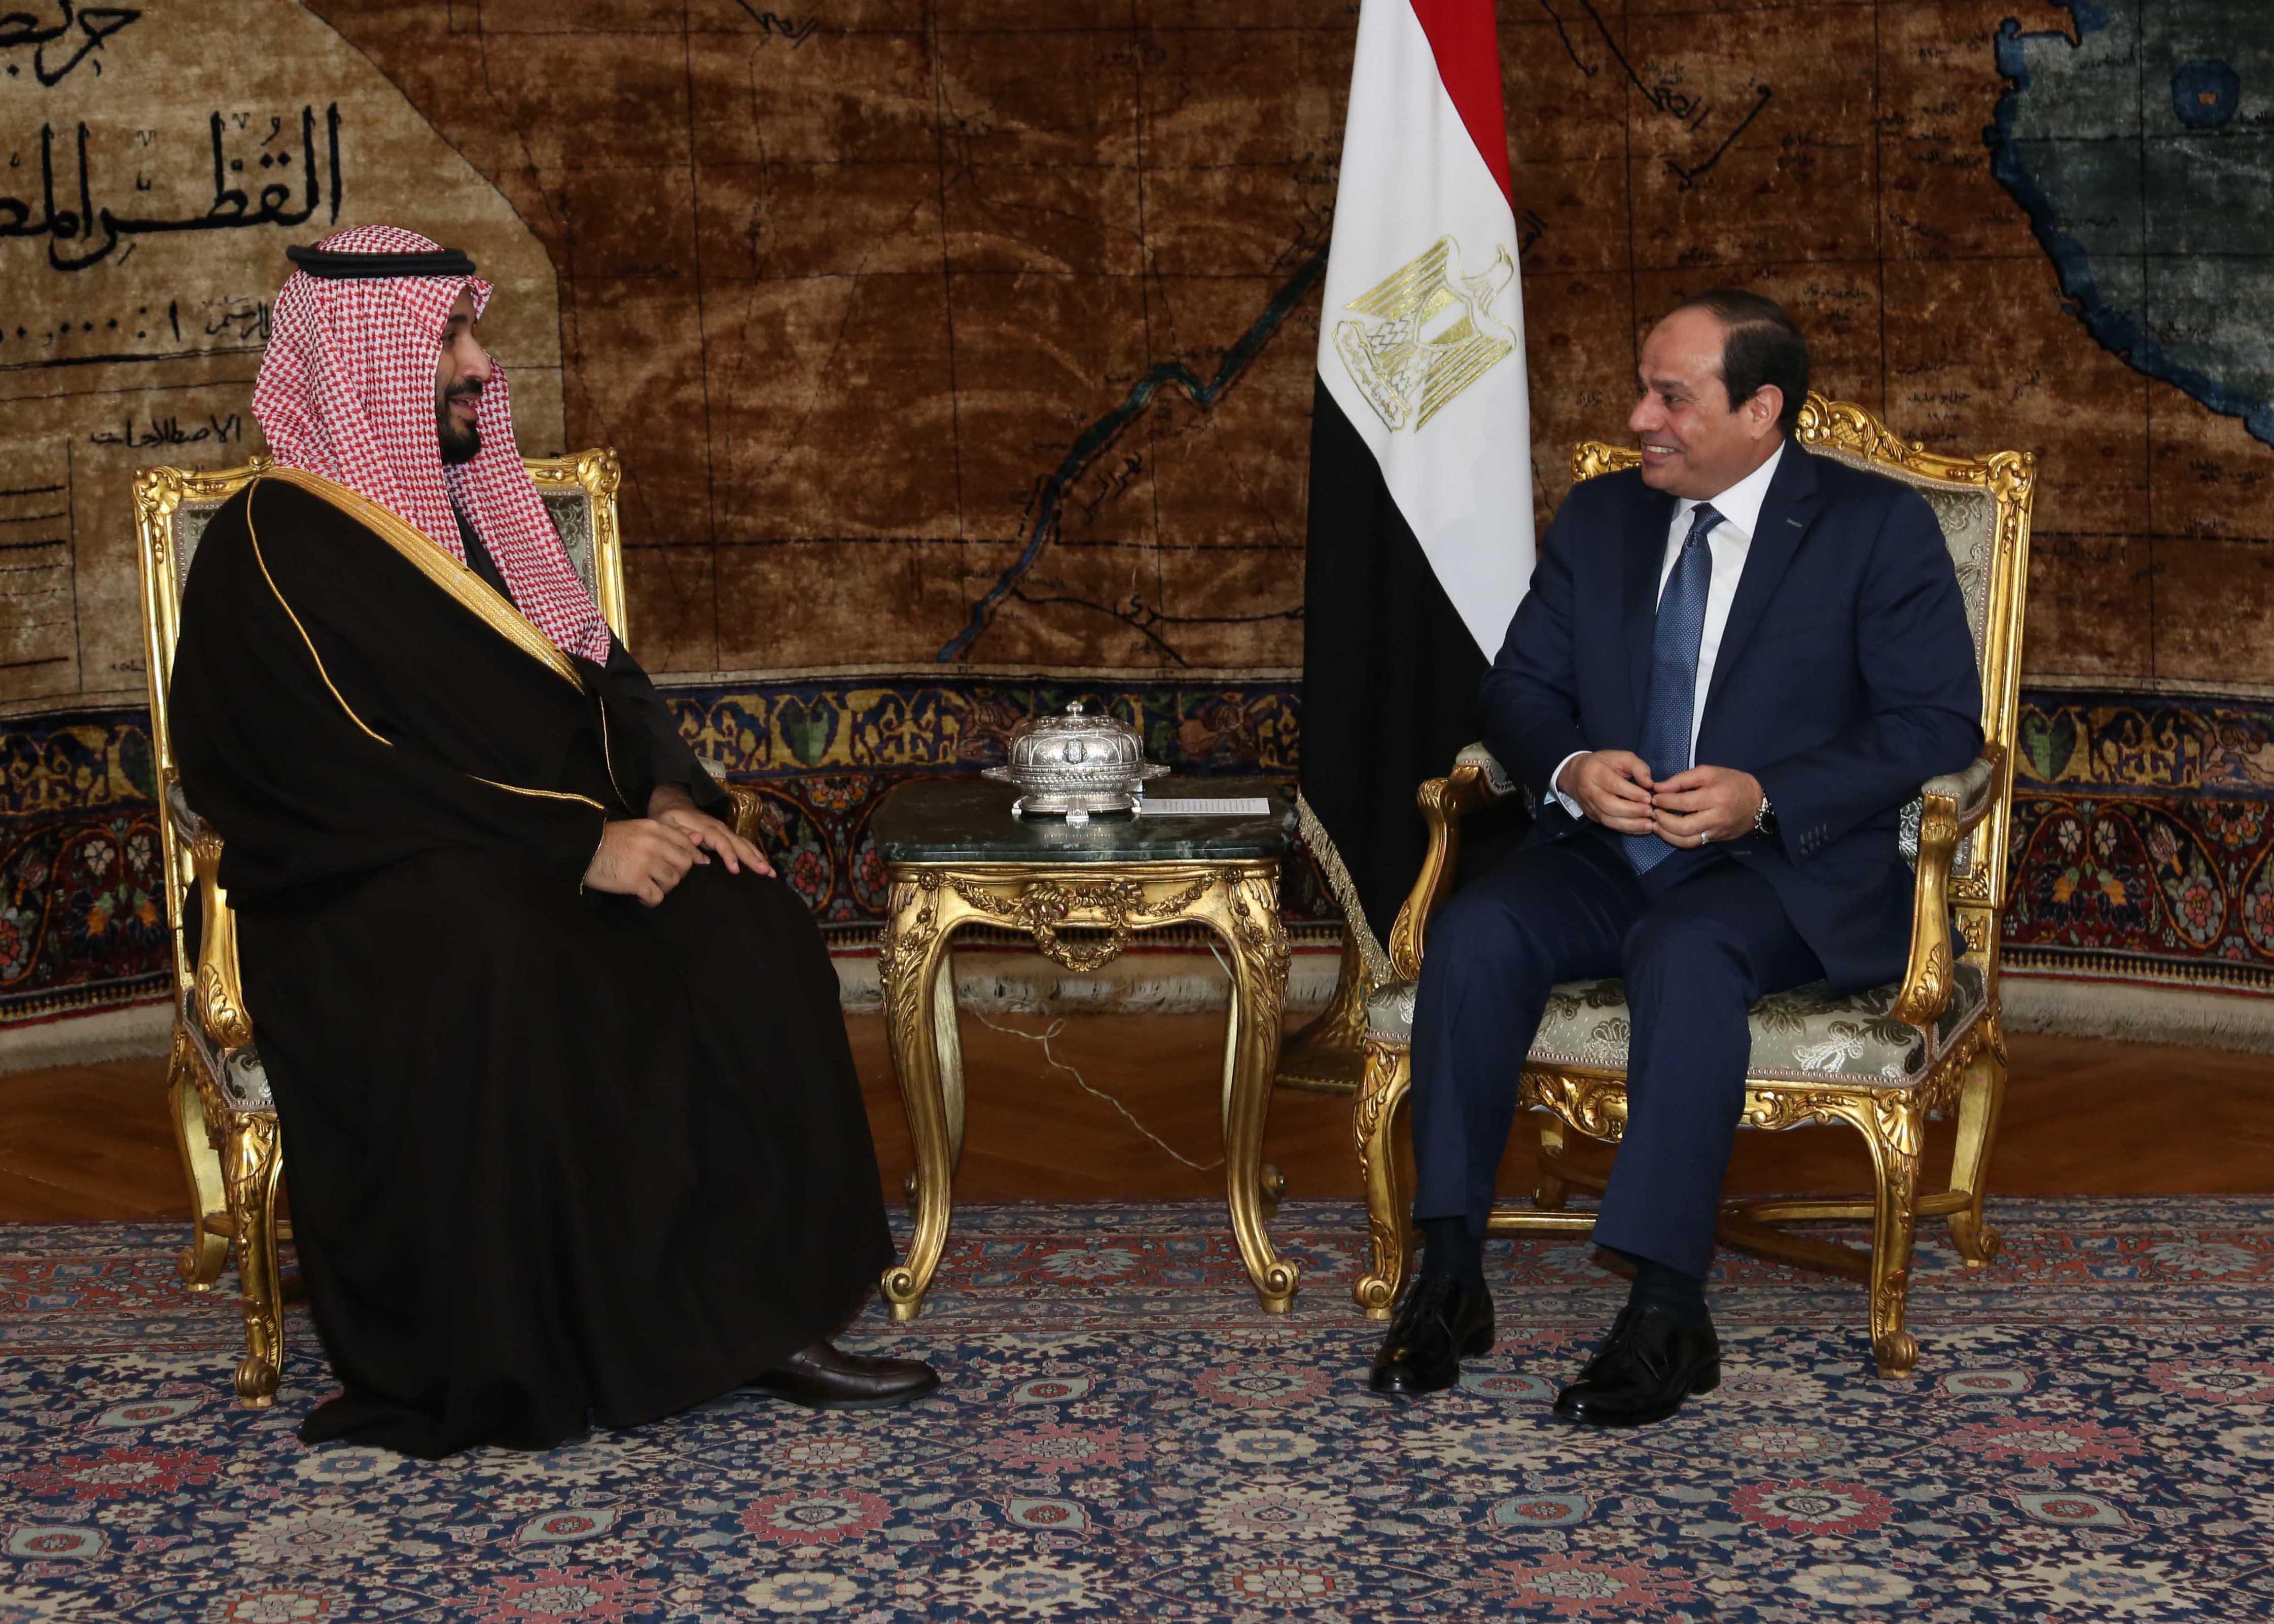 President Abdel Fattah al-Sisi with Saudi Crown Prince Mohamed bin Salman bin Abdel Aziz, Dec. 15, 2015. Presidency Handout.